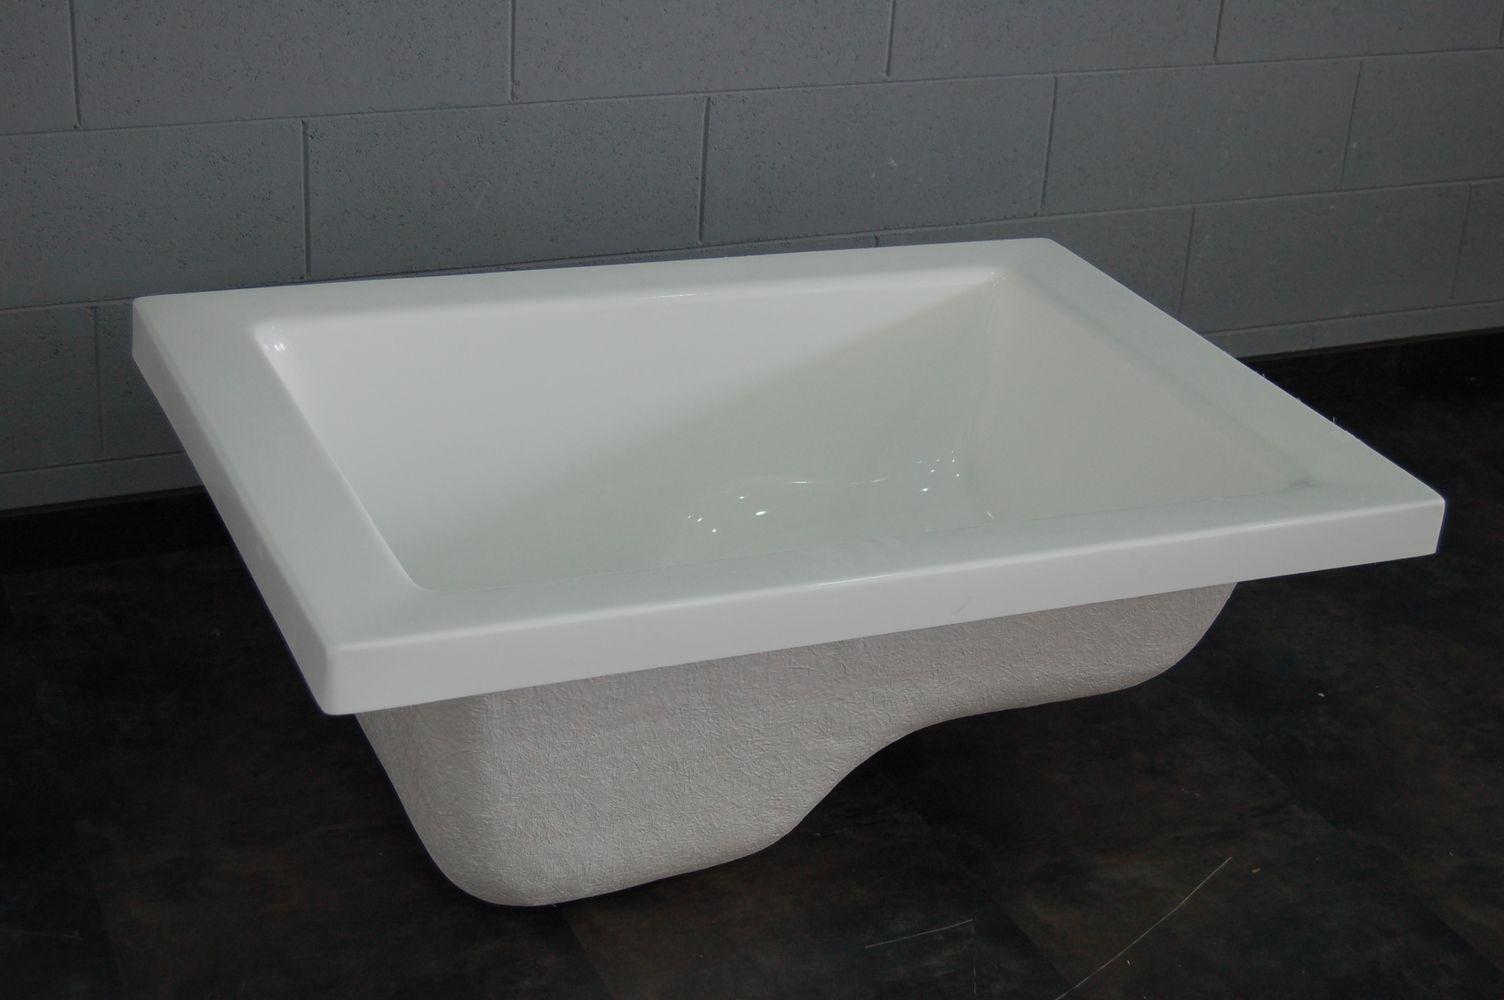 Vasca Da Bagno Sovrapposta Prezzi : Vasche da sovrapposizione produzione vasche da bagno acryltech